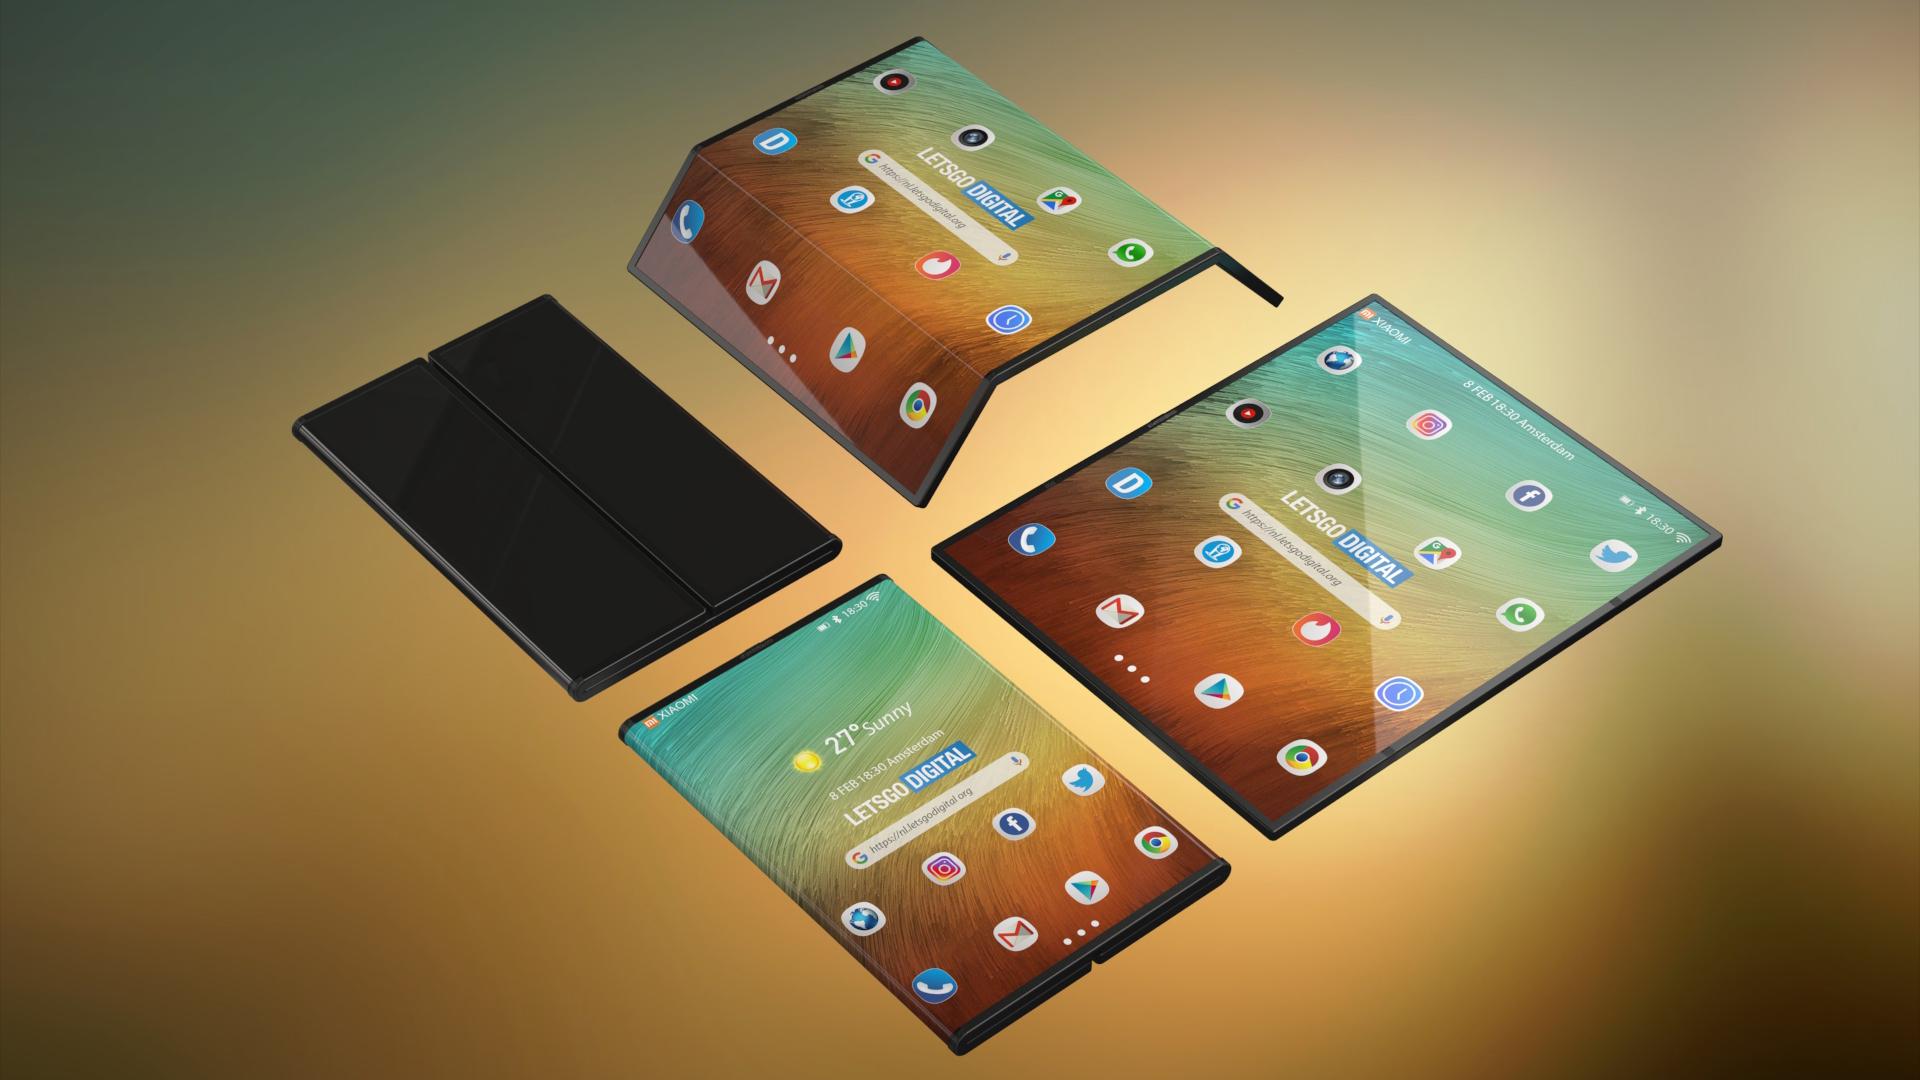 Концепт раскладывающегося смартфона от Xiaomi